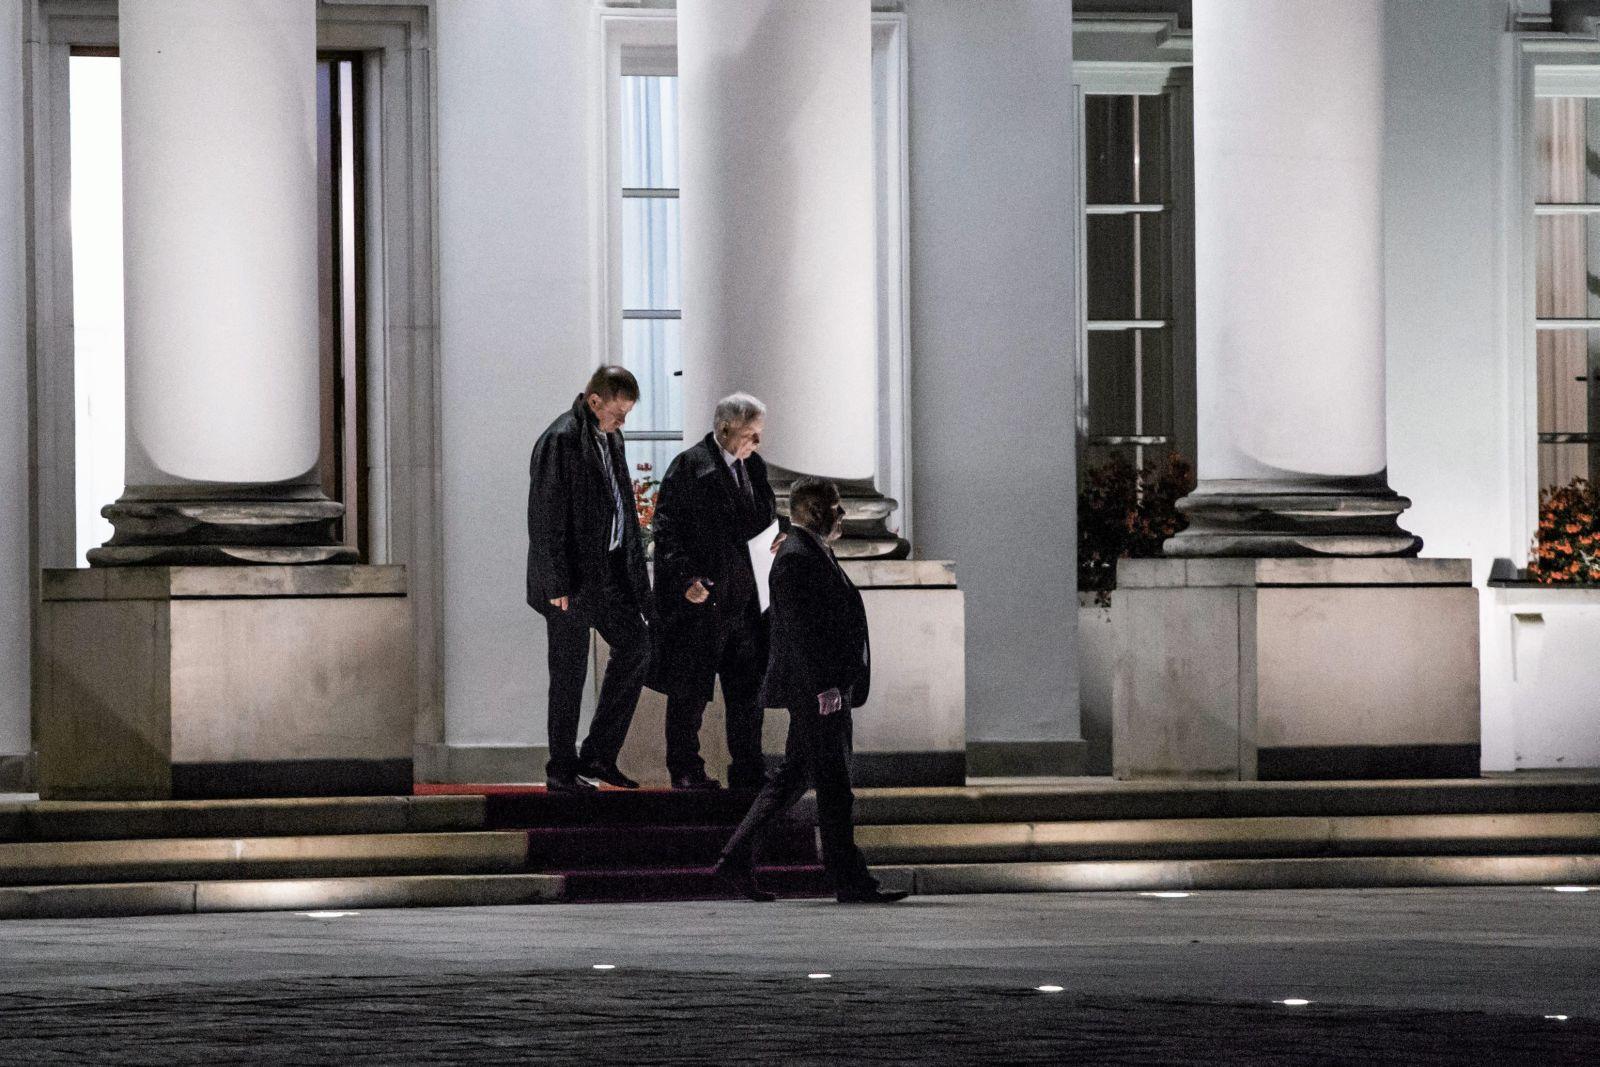 20.10.2017 Warszawa , Belweder . Prezes PiS Jaroslaw Kaczynski po spotkaniu z prezydentem RP Andrzejem Duda .Fot. Adam Stepien / Agencja Gazeta